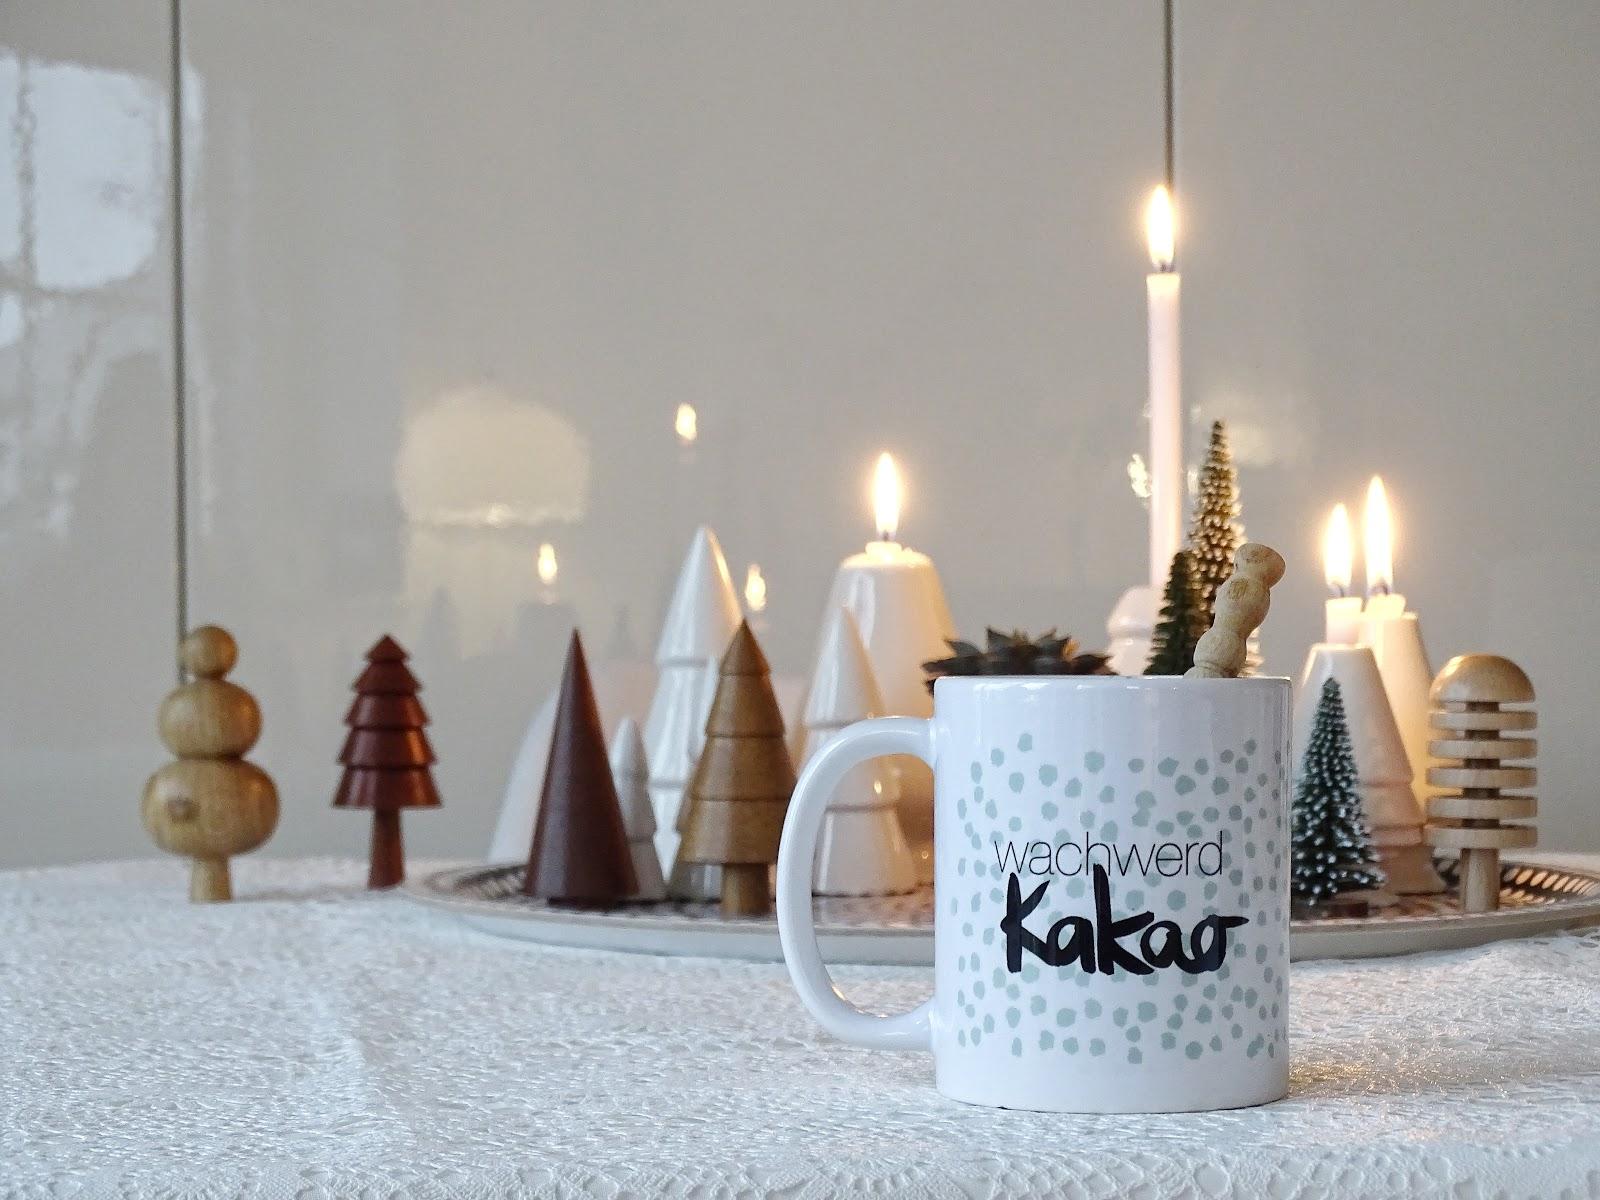 Weihnachtsdeko-Idee auf einem Tablett mit Tannen und Kerzen - Fotoaktion #12von12 und 1 Tag in 12 Bildern - https://mammilade.blogspot.de